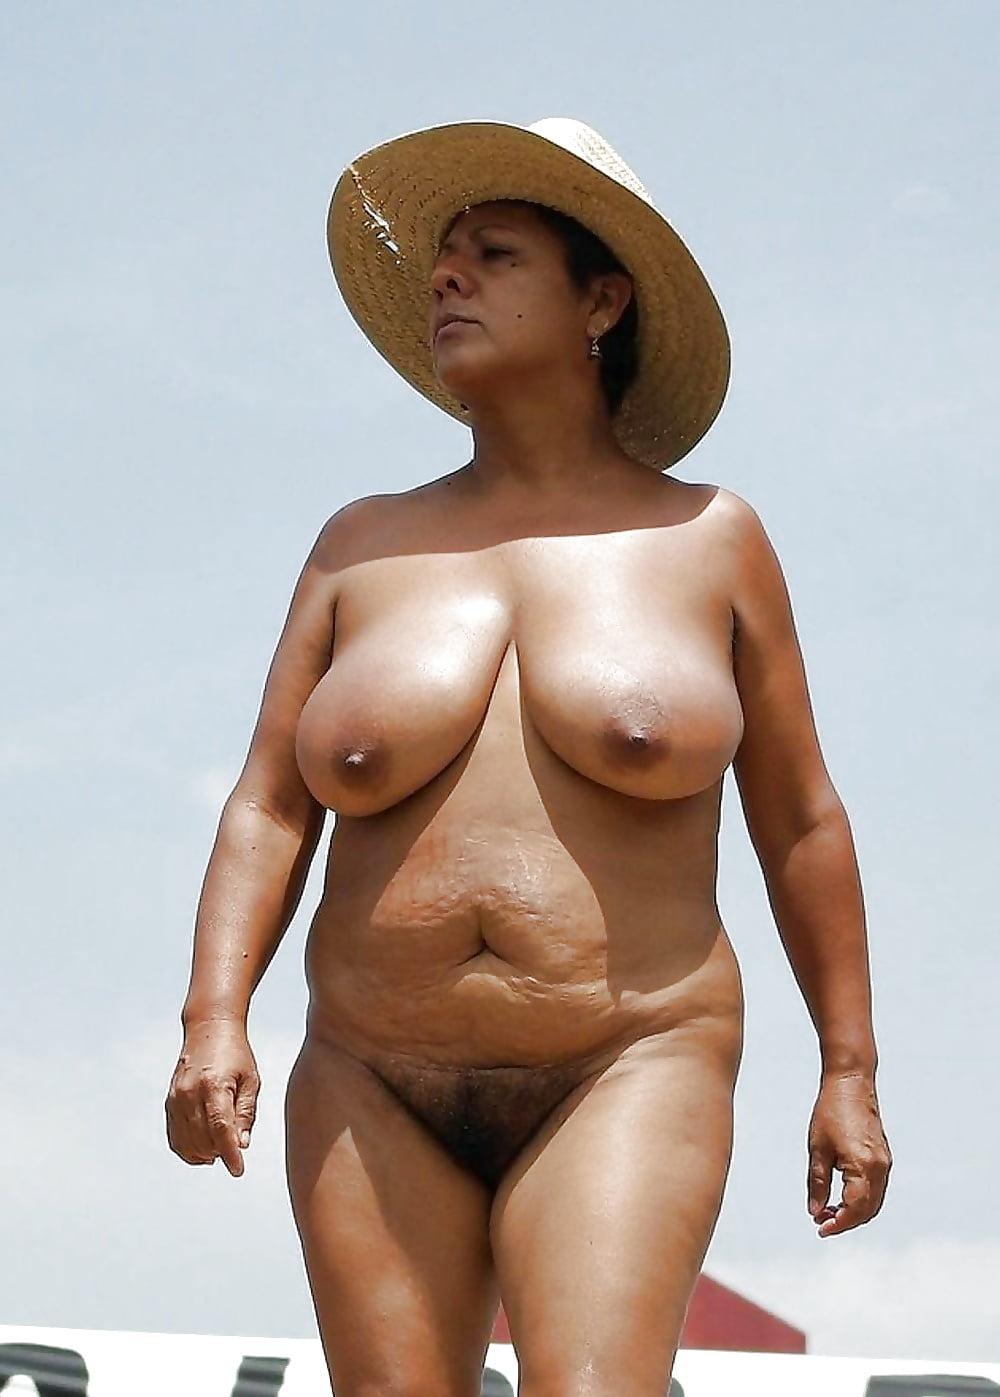 шёл пожилая на пляже эротика фото несомненно, можно назвать